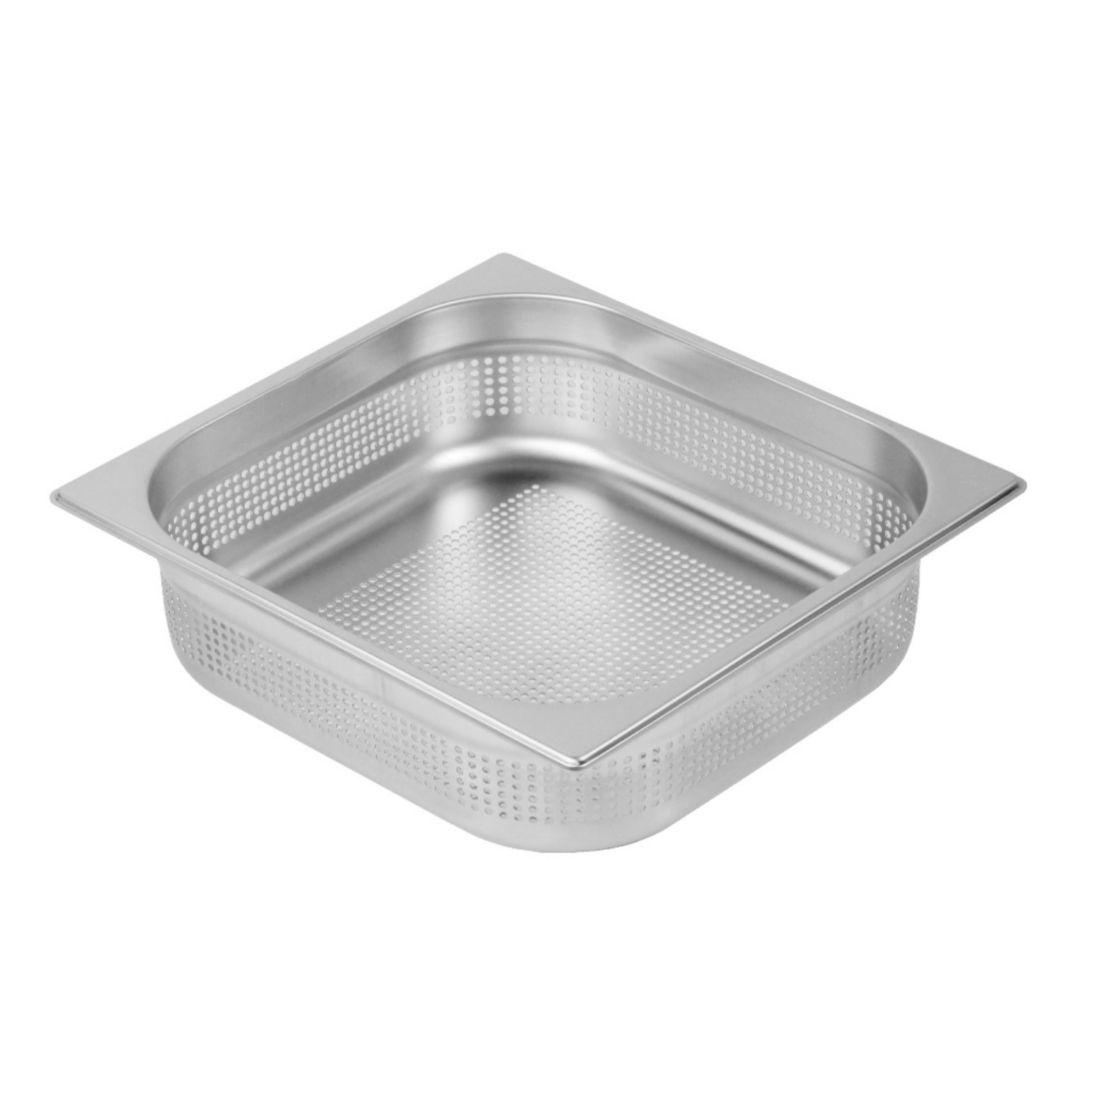 Gastronádoba Profi děrovaná s úchyty GN 2/3 040 mm